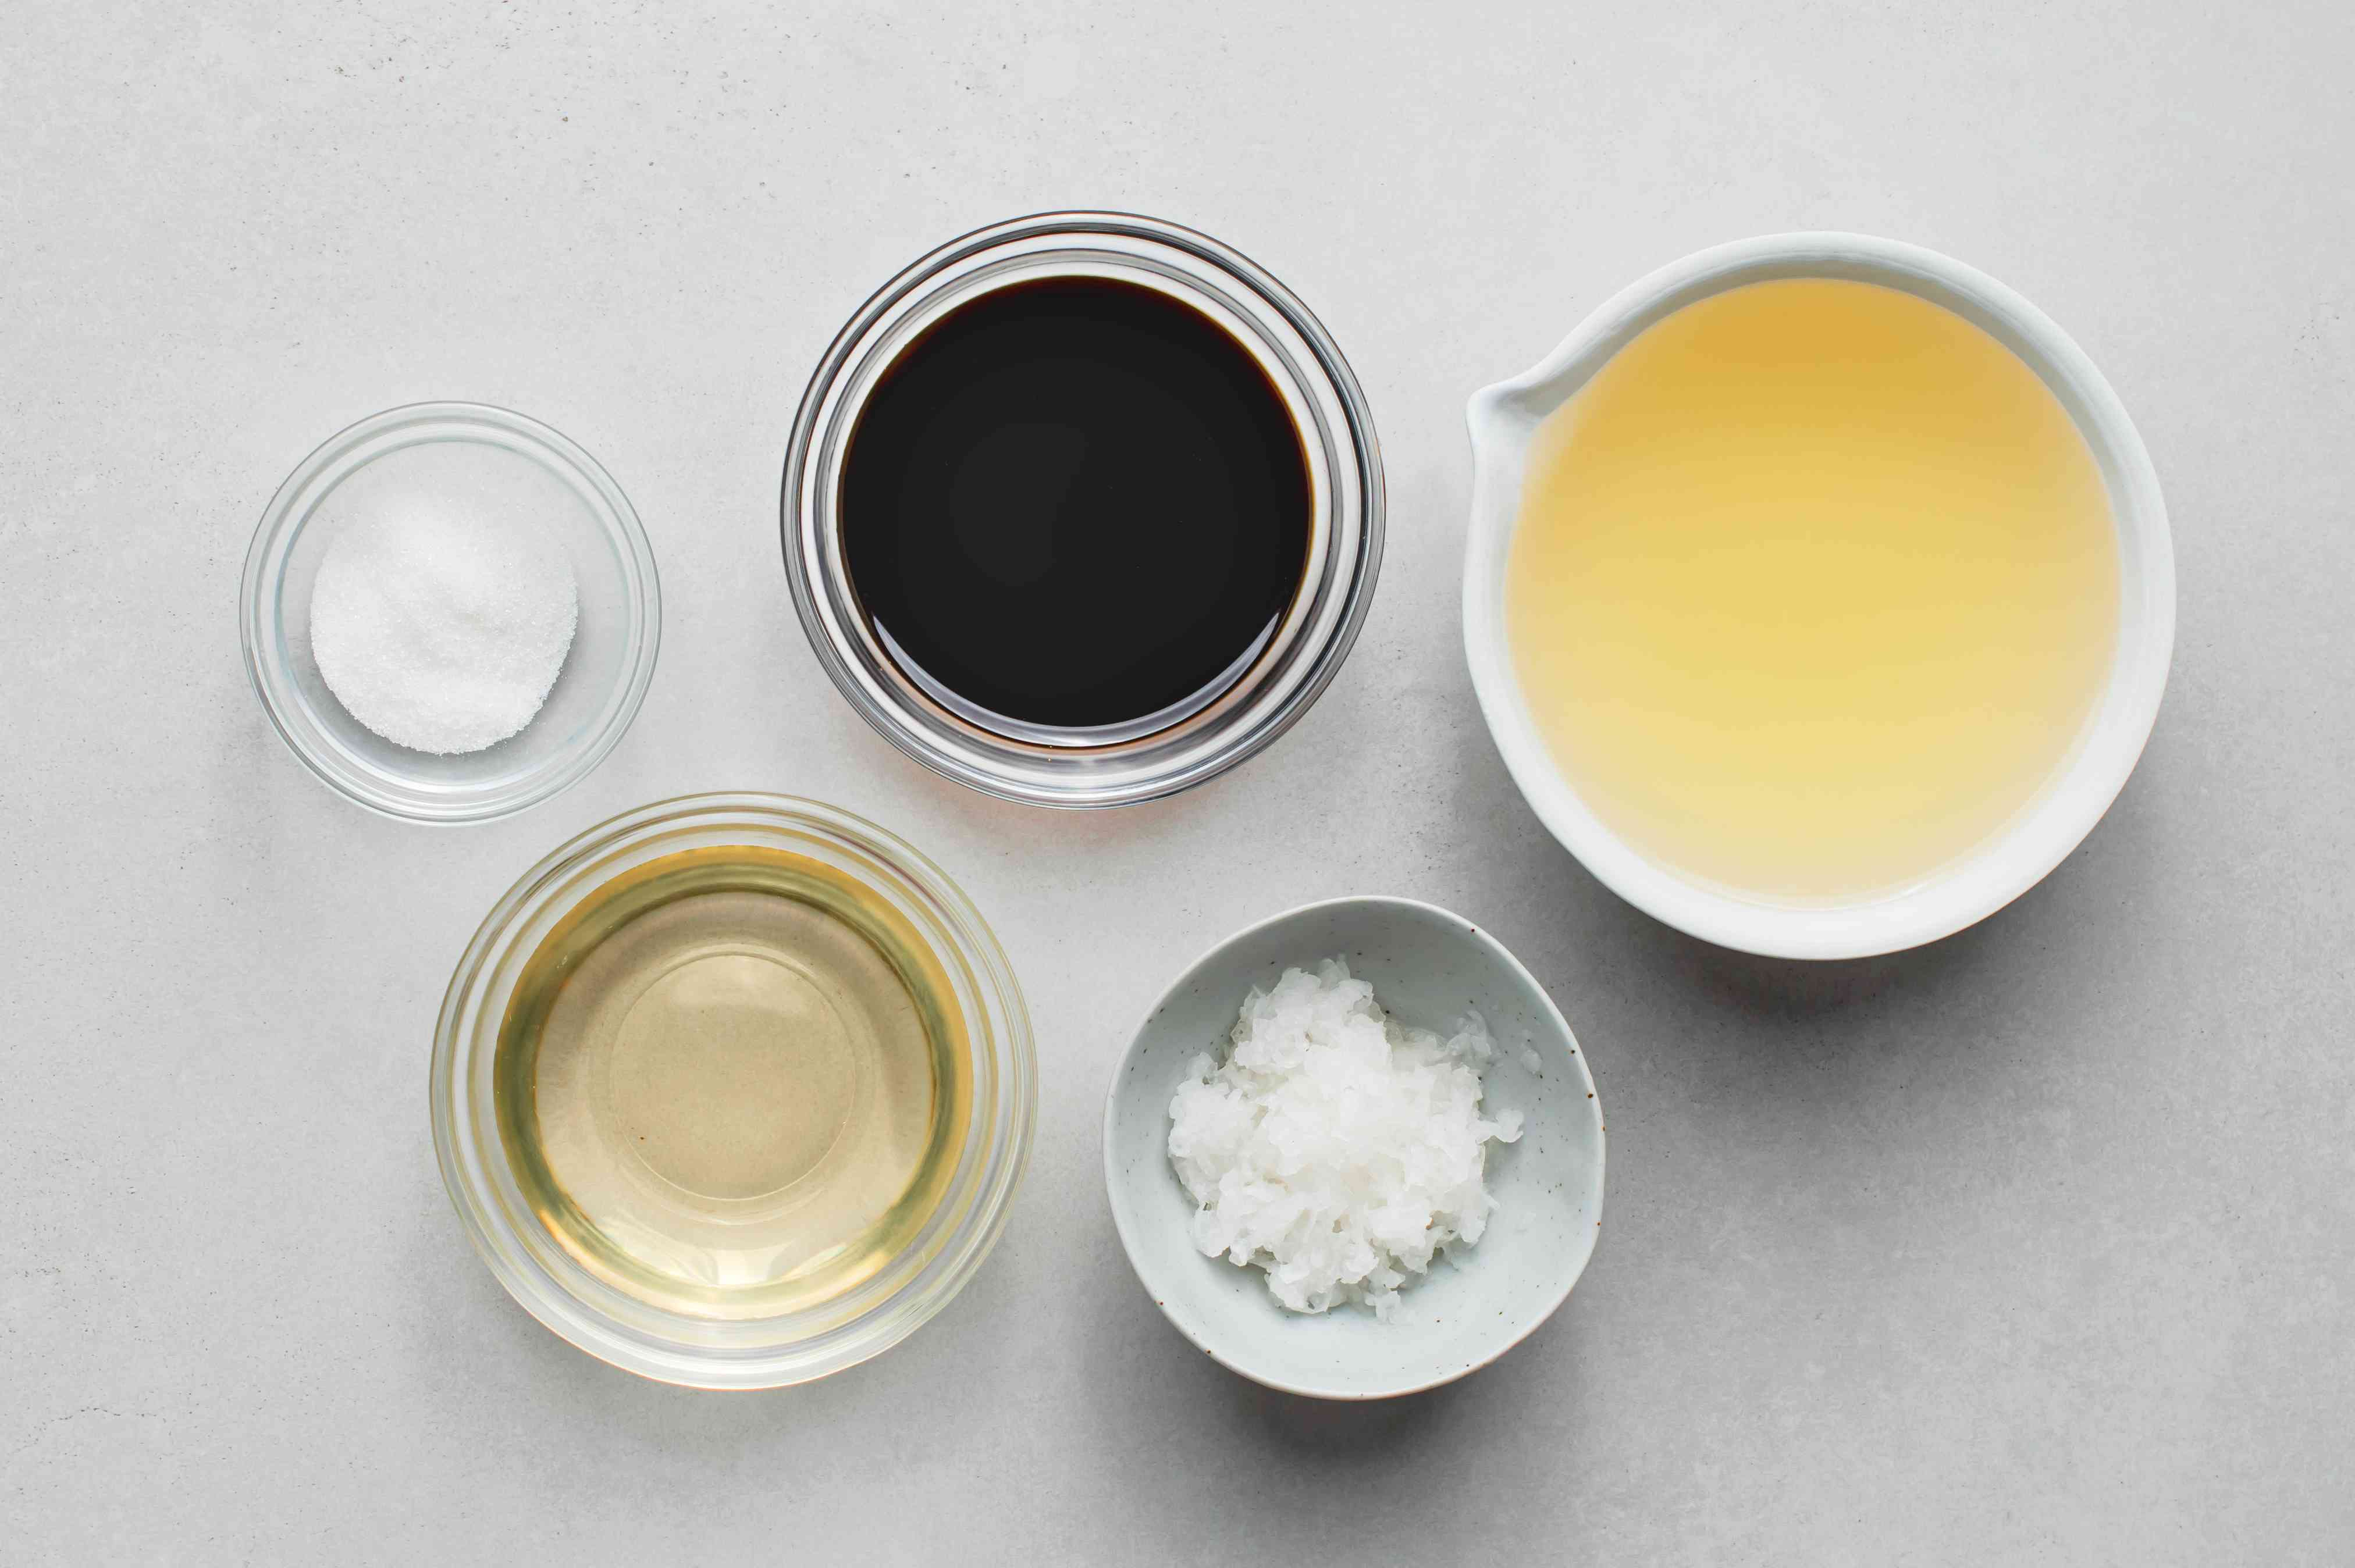 Tempura dipping sauce ingredients